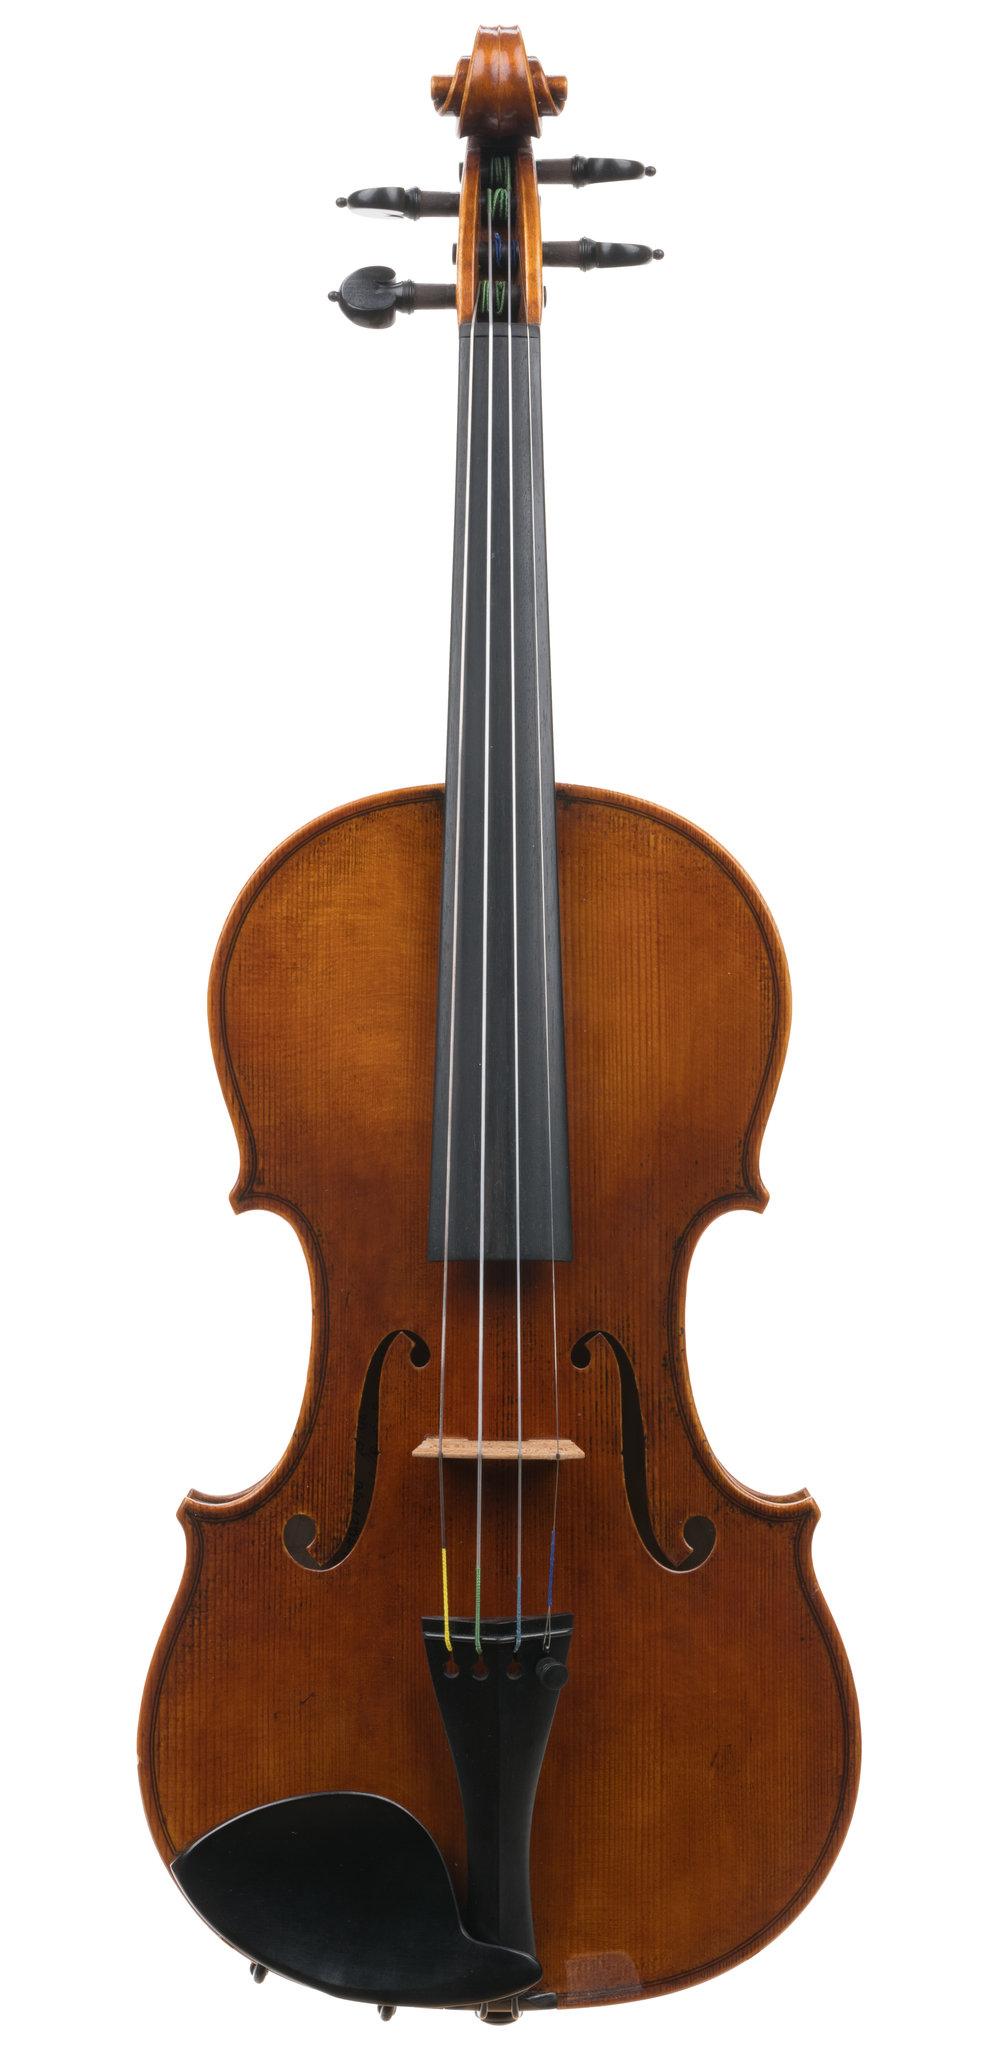 Heeyoung Kang 7/8 violin, Chicago, 2015 -